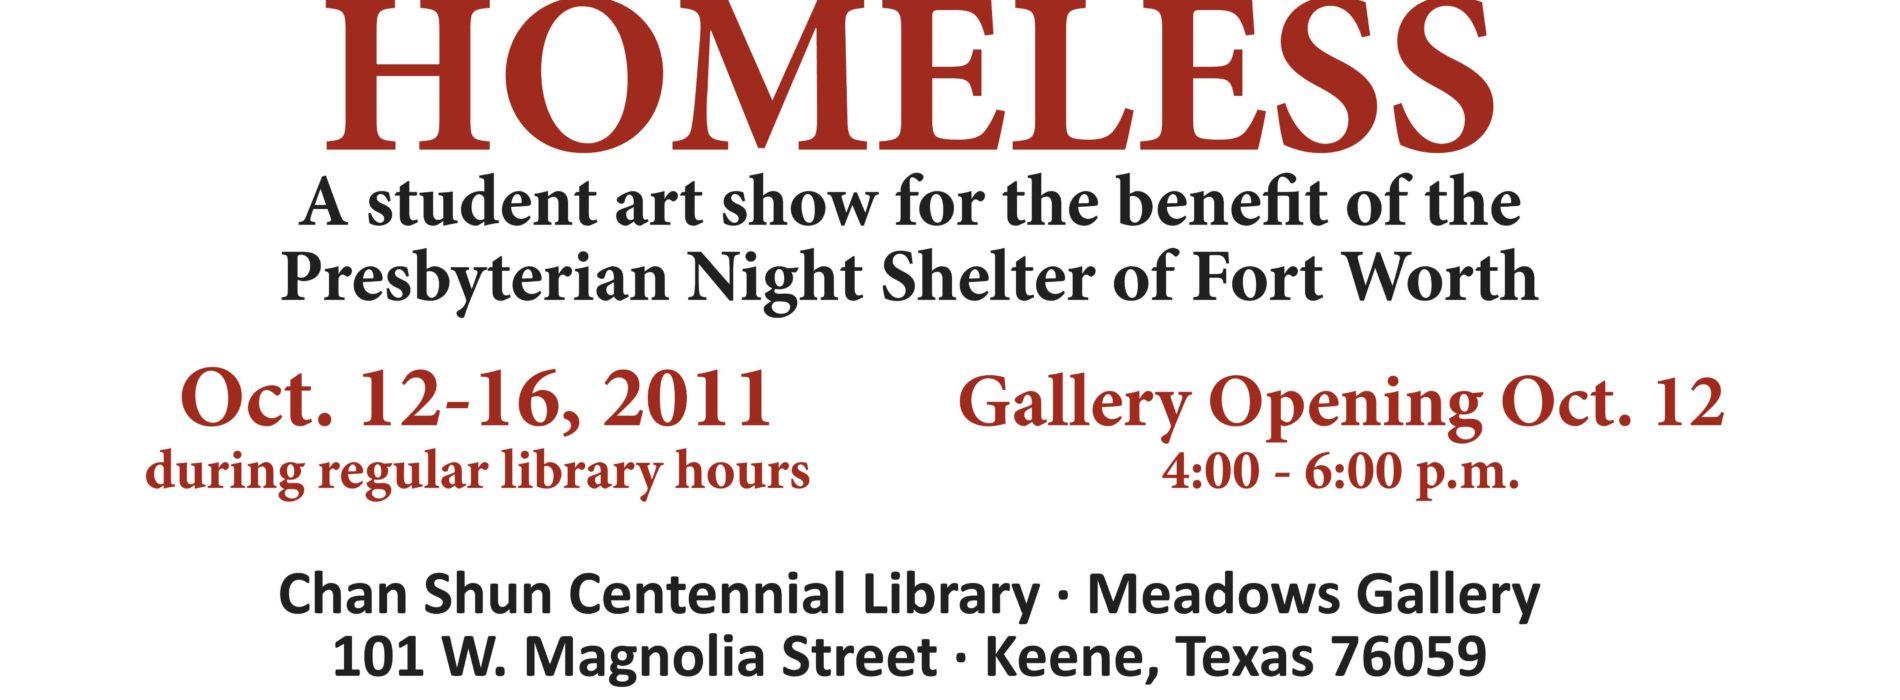 Homeless Art Show Scheduled for Oct. 12